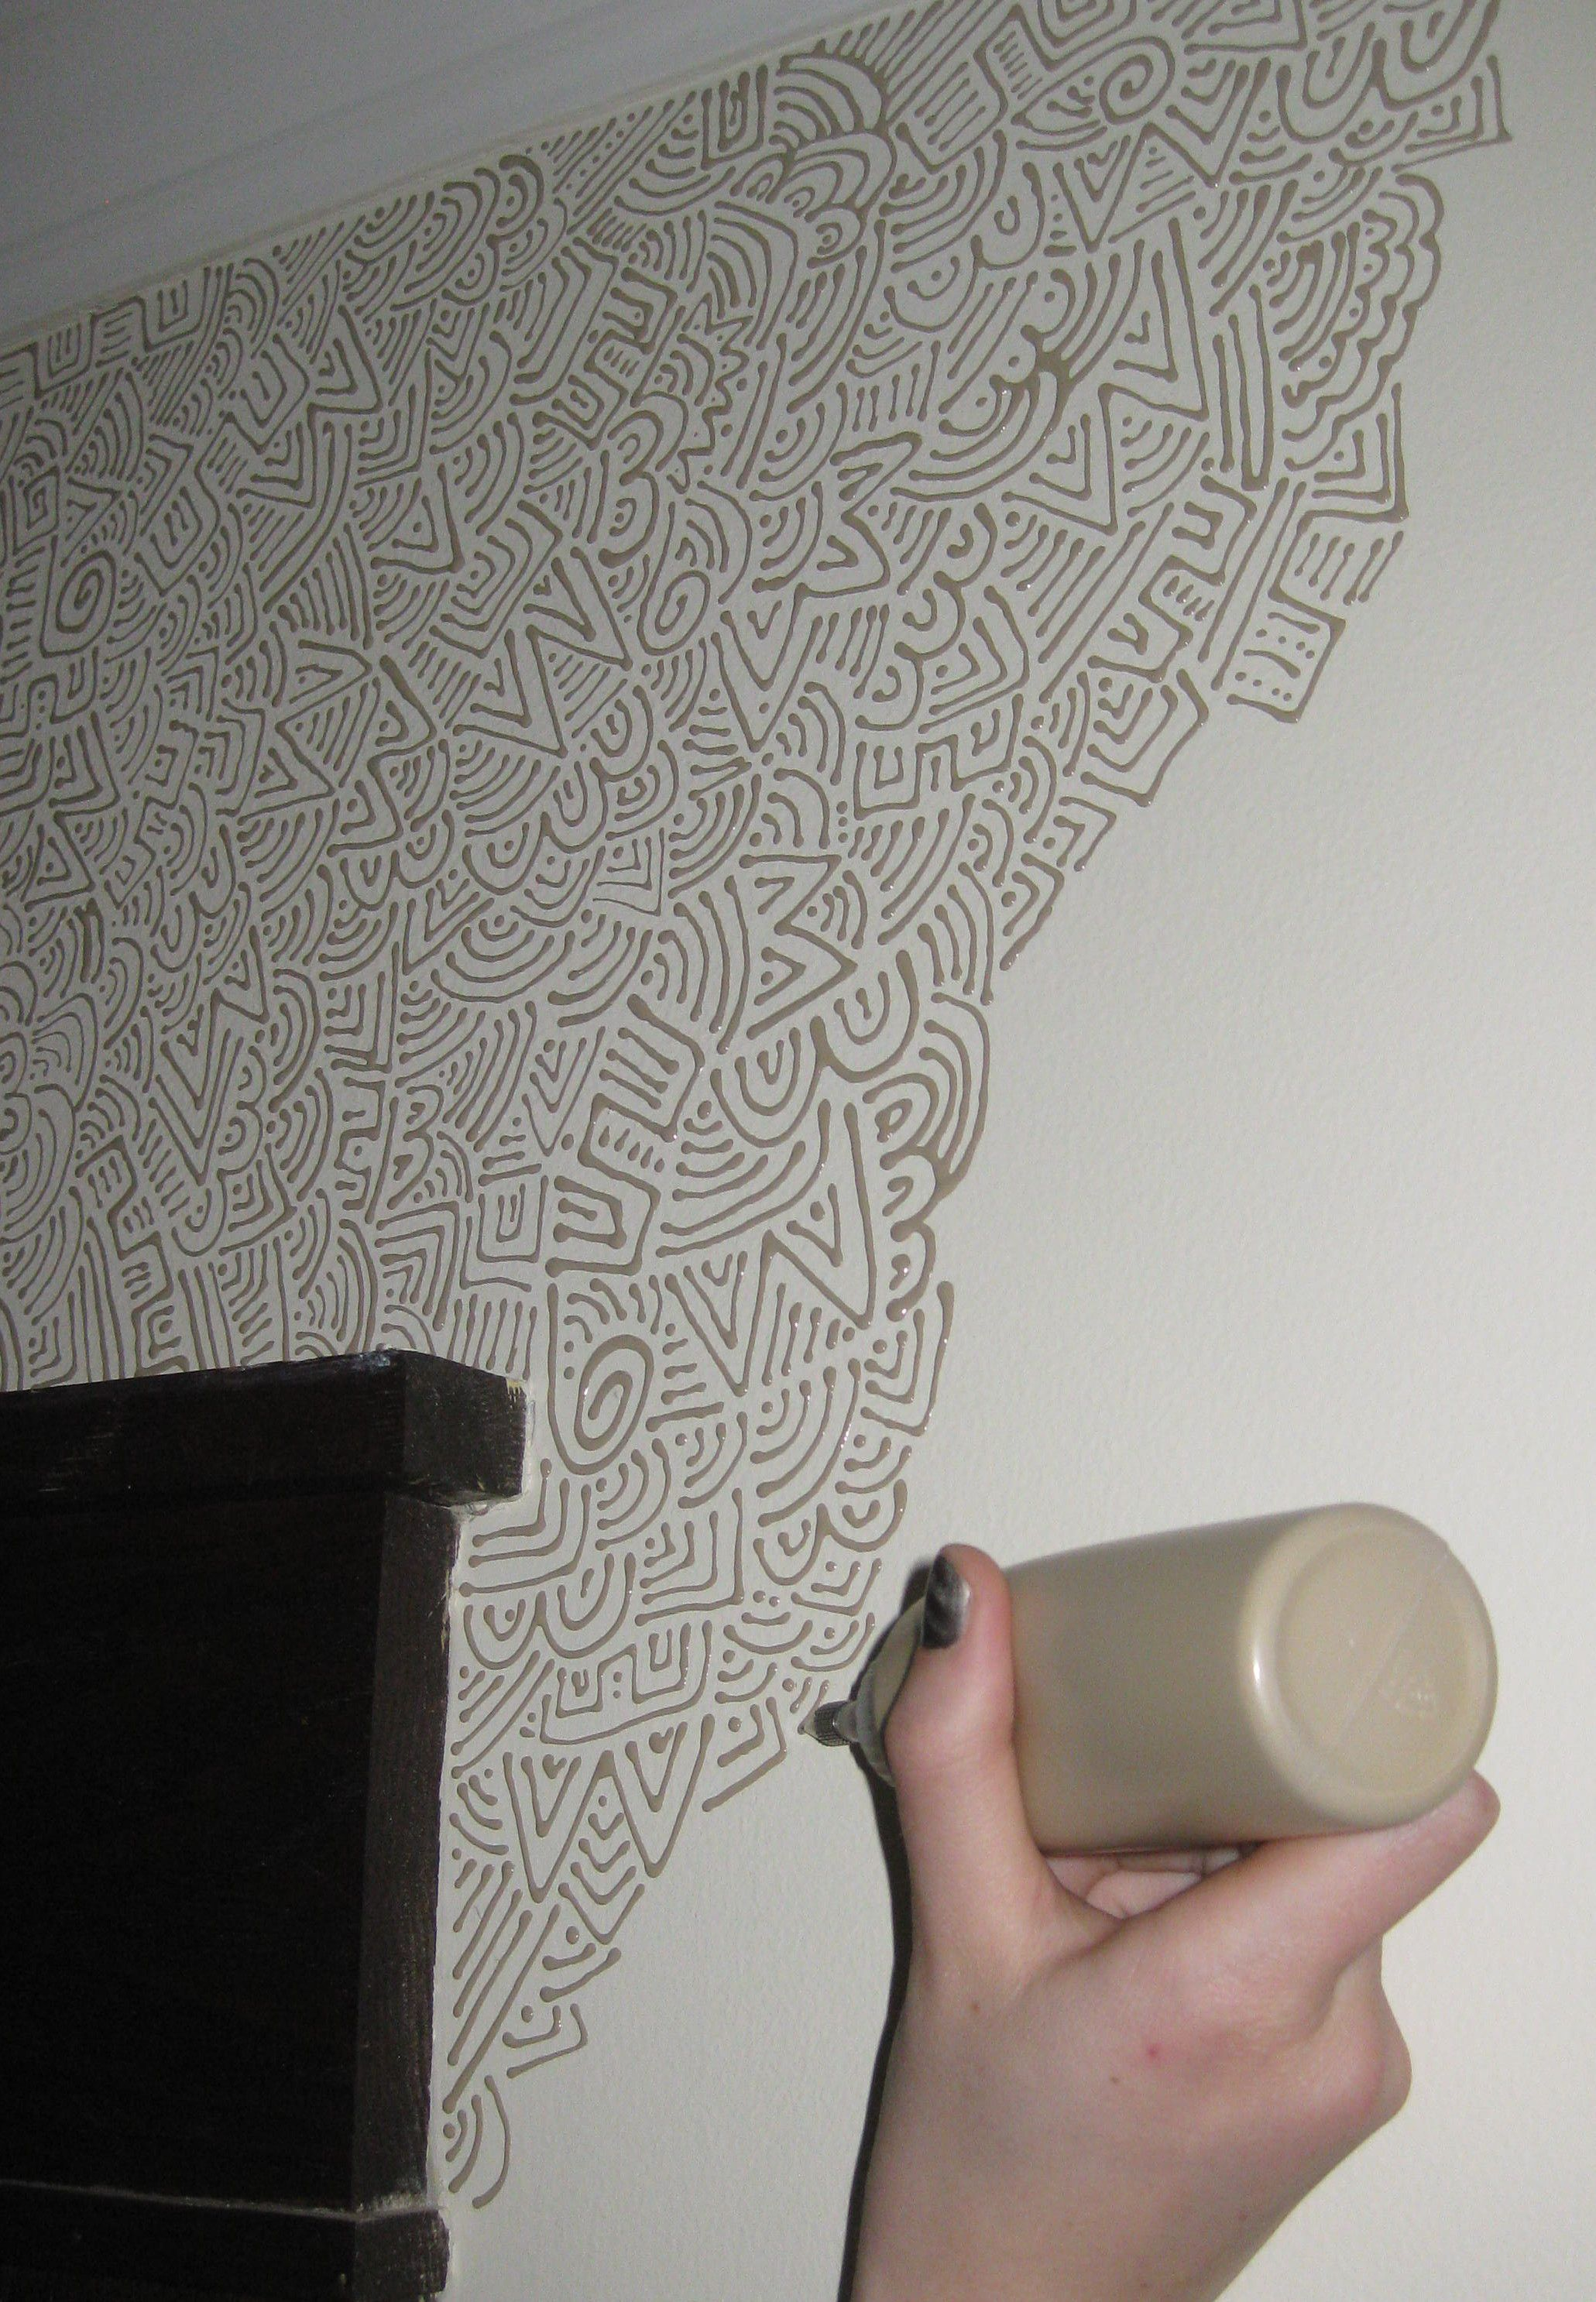 Wand Streichen Ideen Und Techniken Für Moderne Wandgestaltung Wände Streichen Ideen Kreative Wandgestaltung Wände Streichen